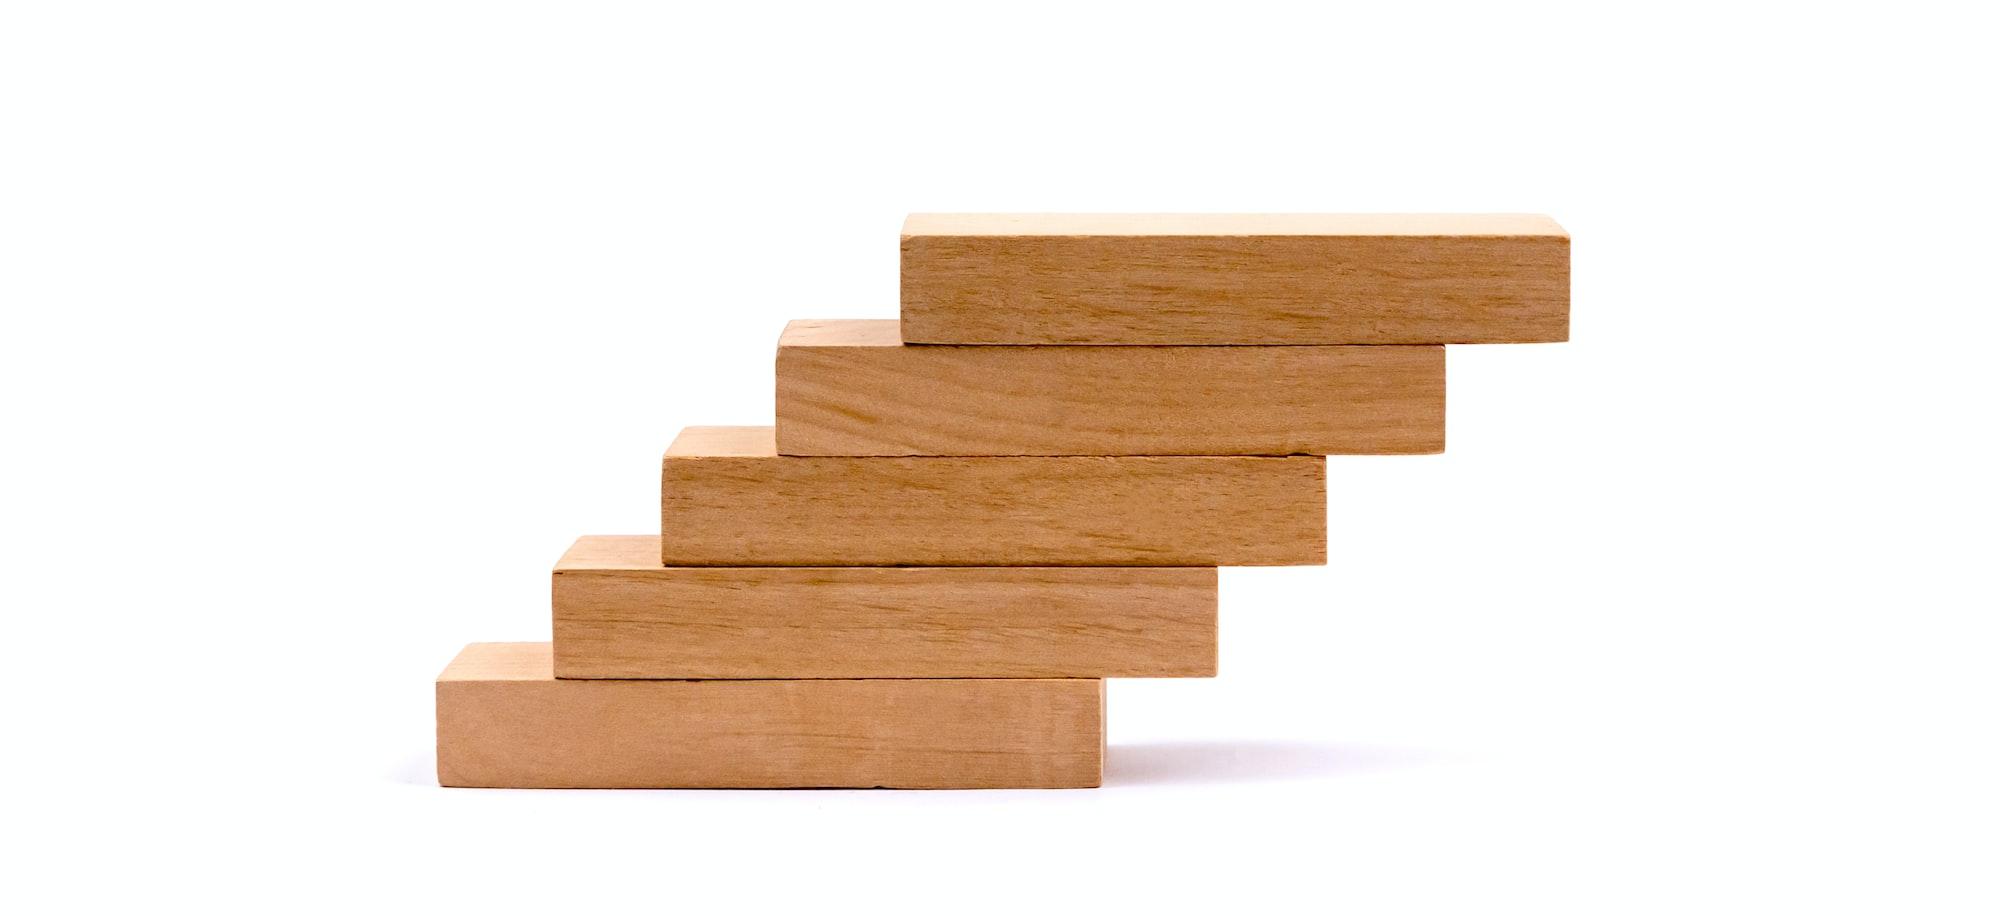 Как повысить эффективность продаж: 5 обязательных условий